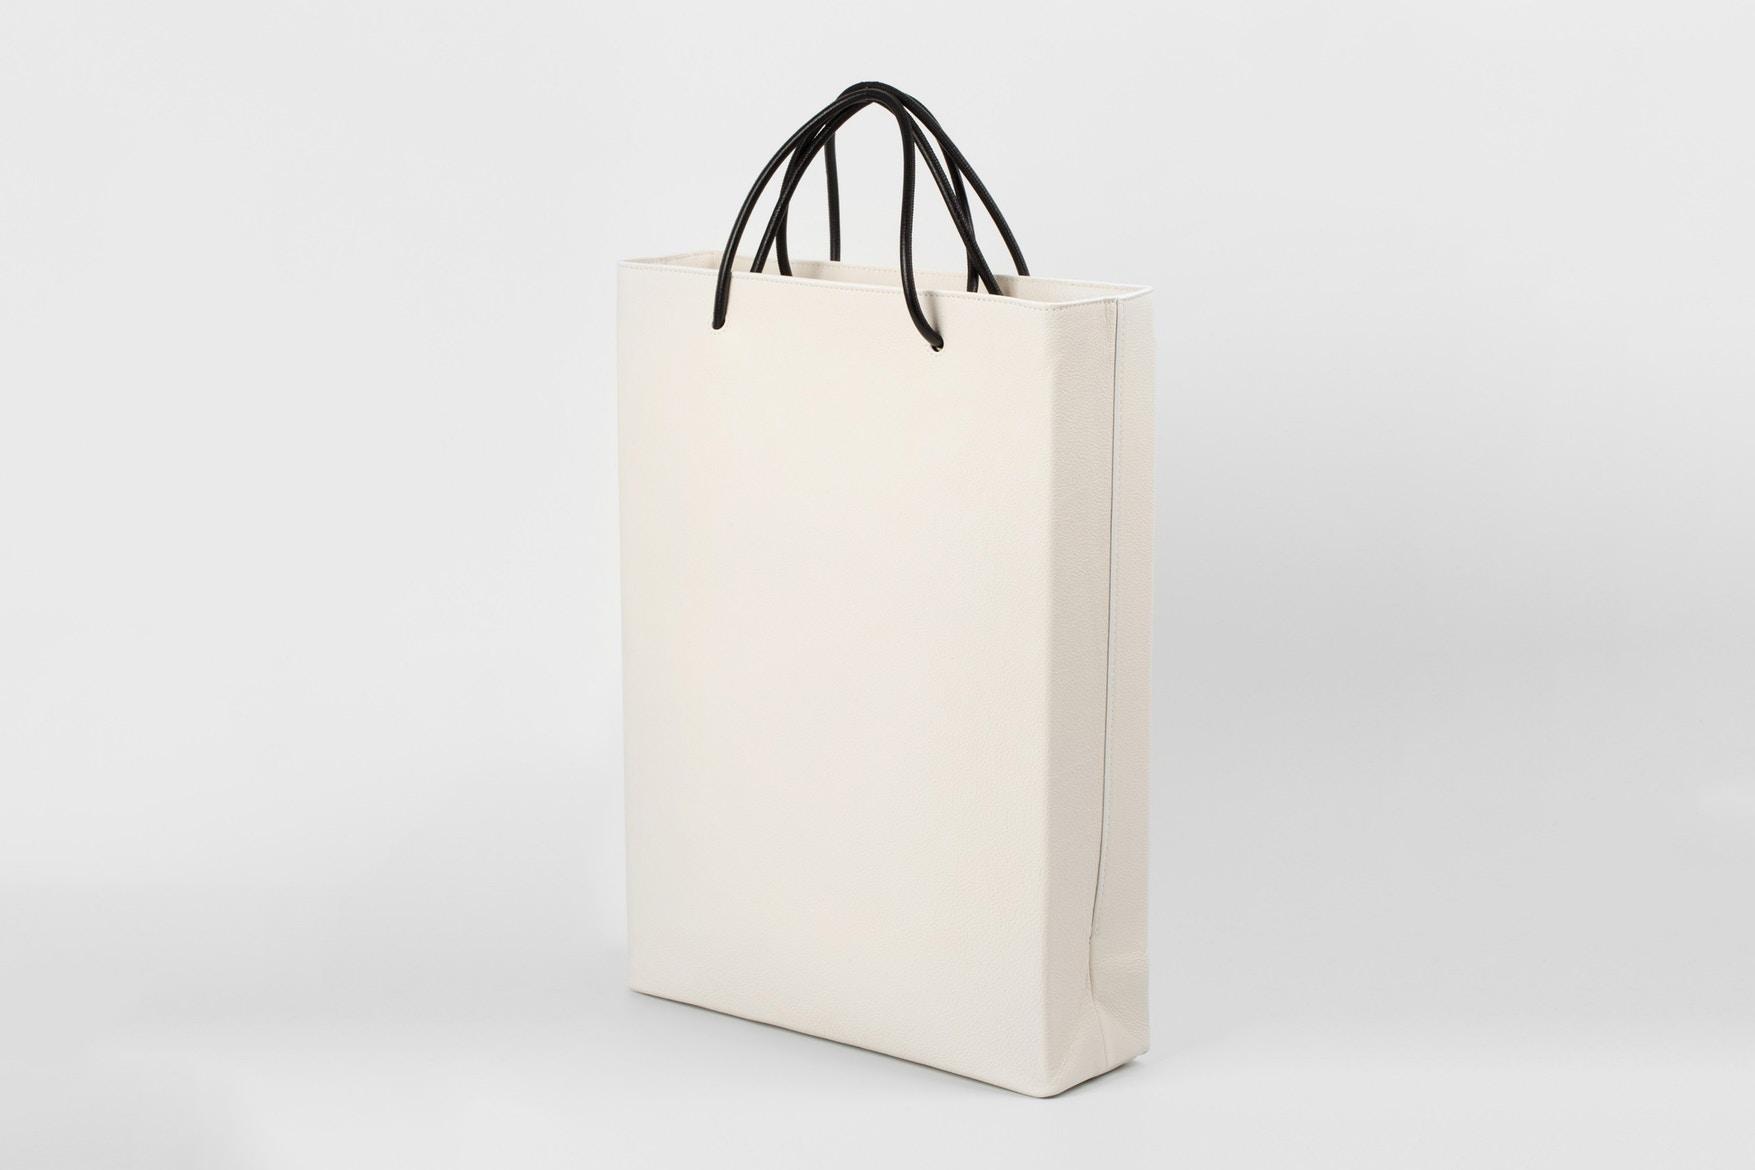 shopping bags - HD1755×1170